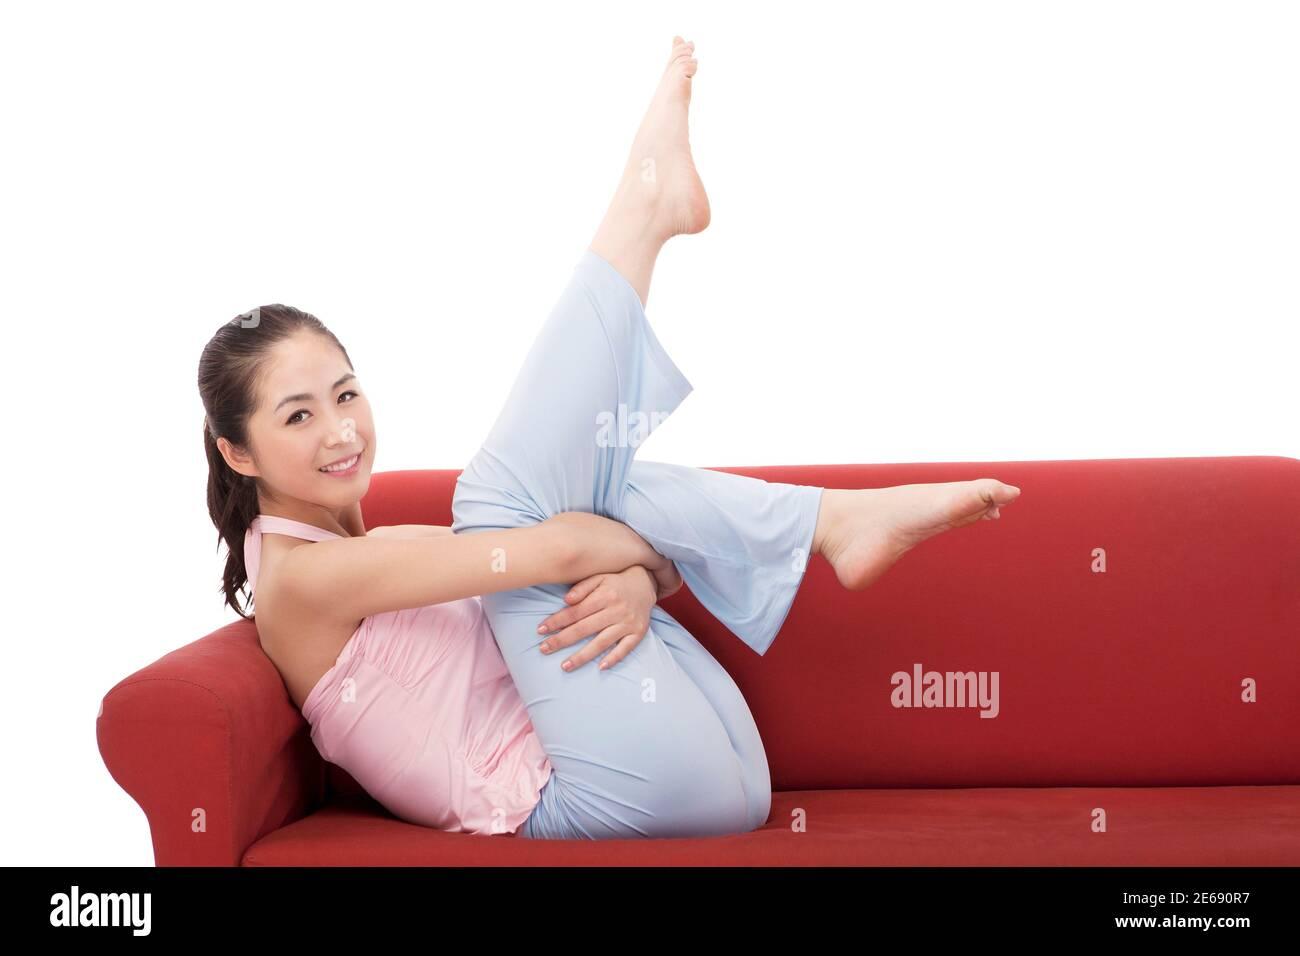 Jeune femme de mode assis sur un canapé photo de haute qualité Banque D'Images